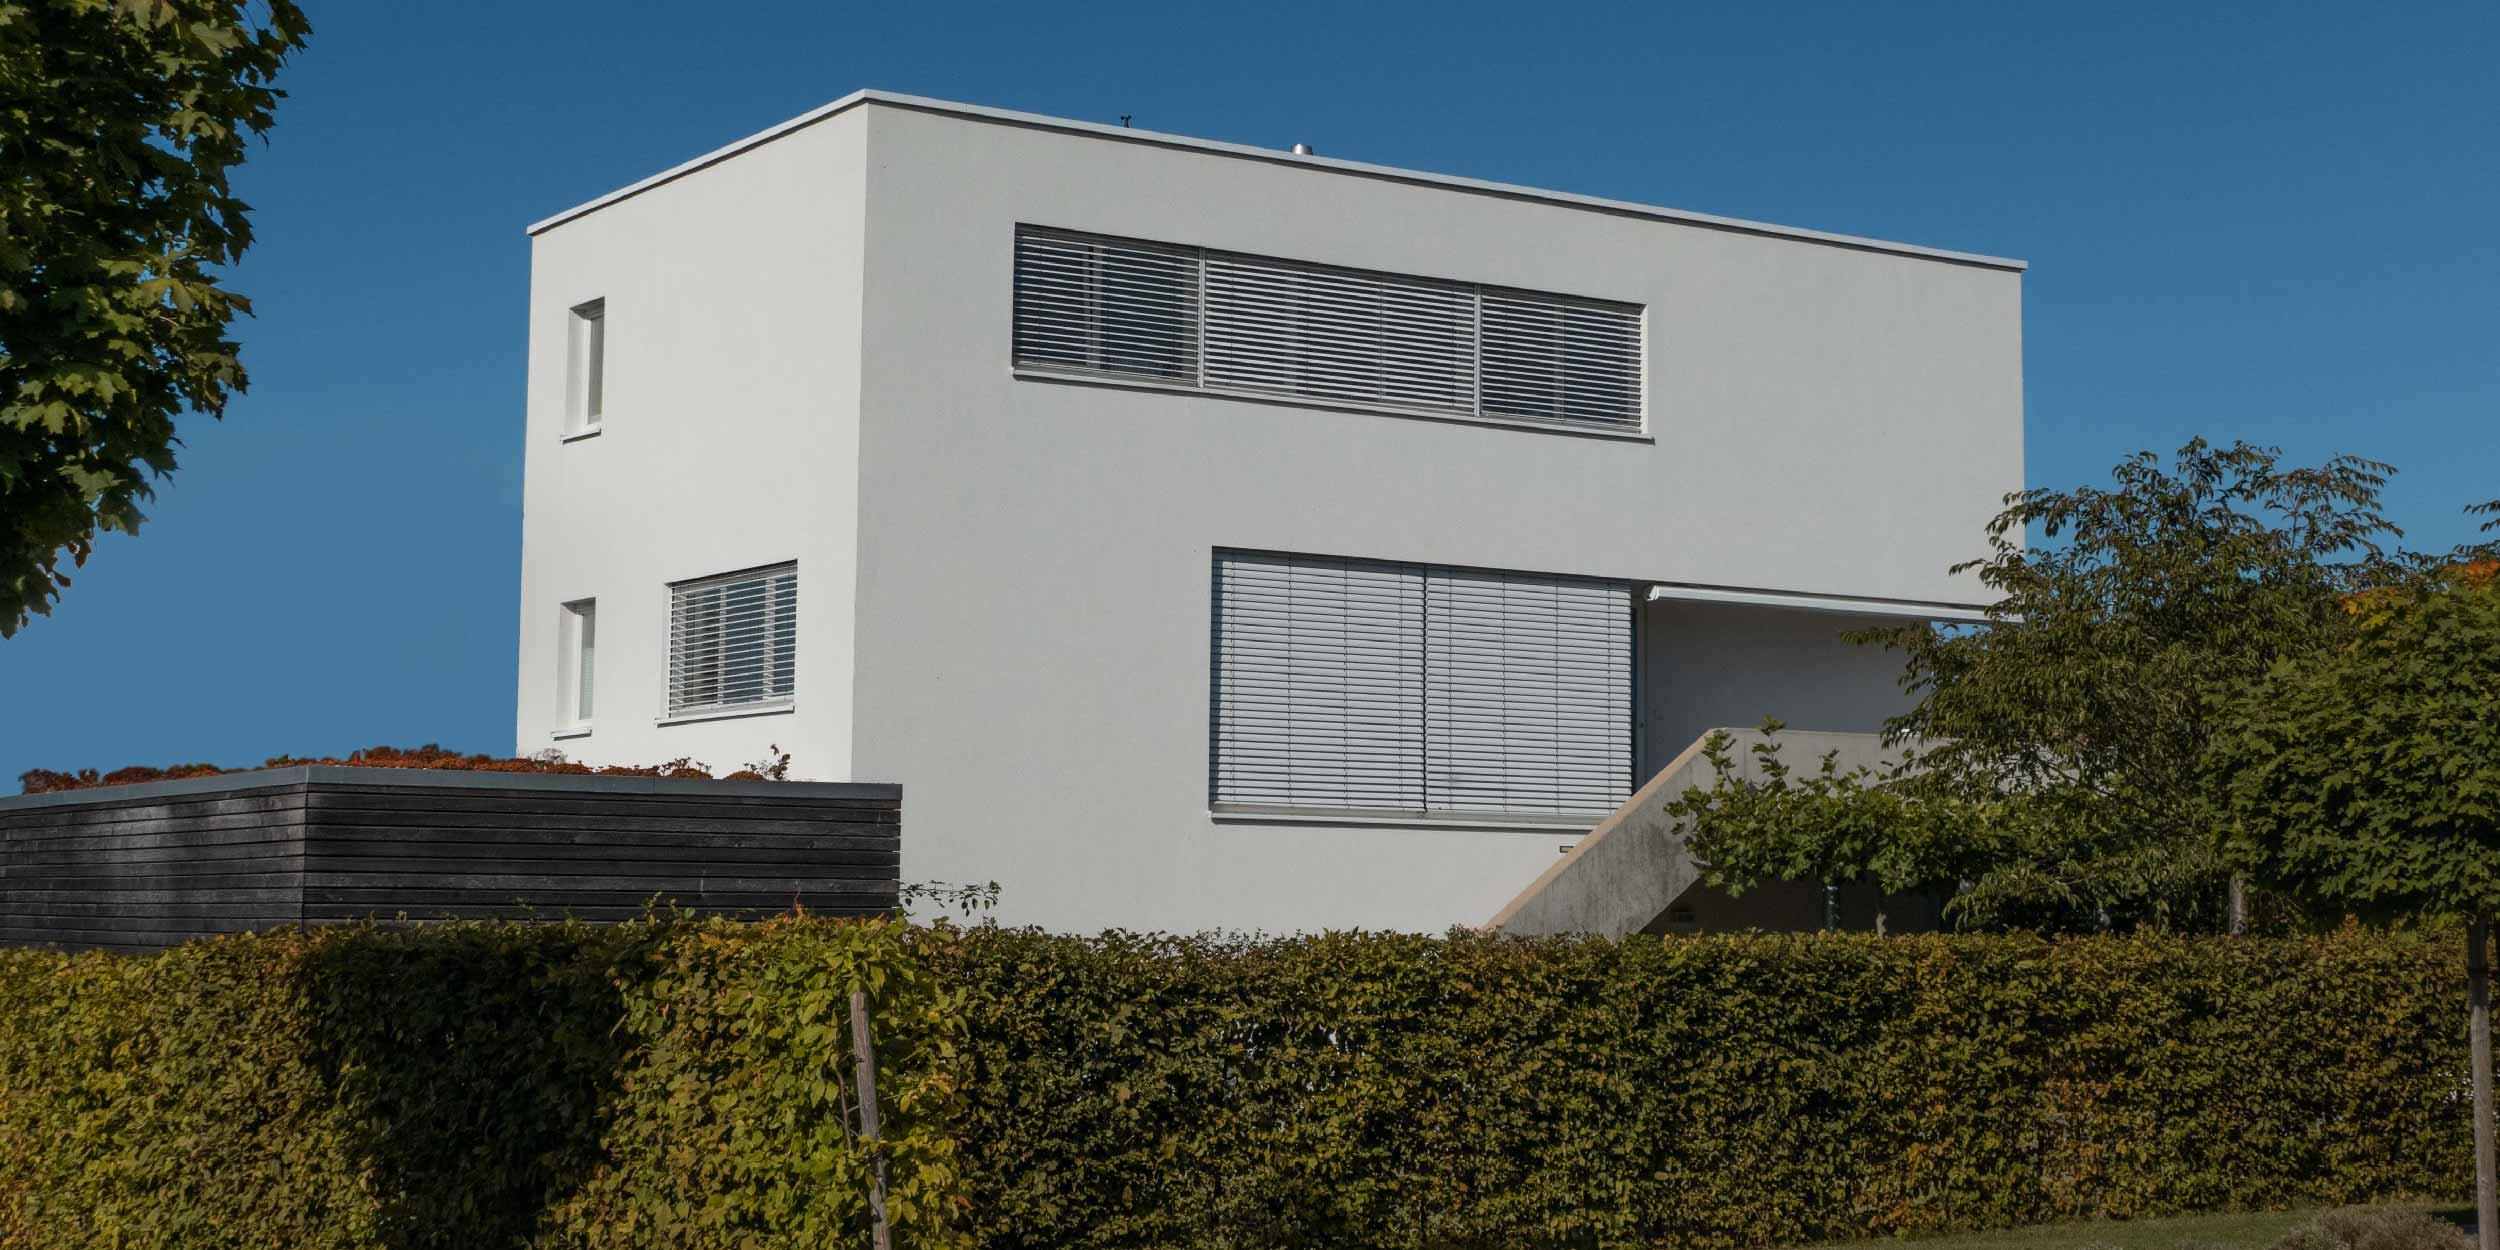 bauunternehmen_wingenfeld_gmbh_bauen_fulda_galerie_einfamilienwohnhaus_modern